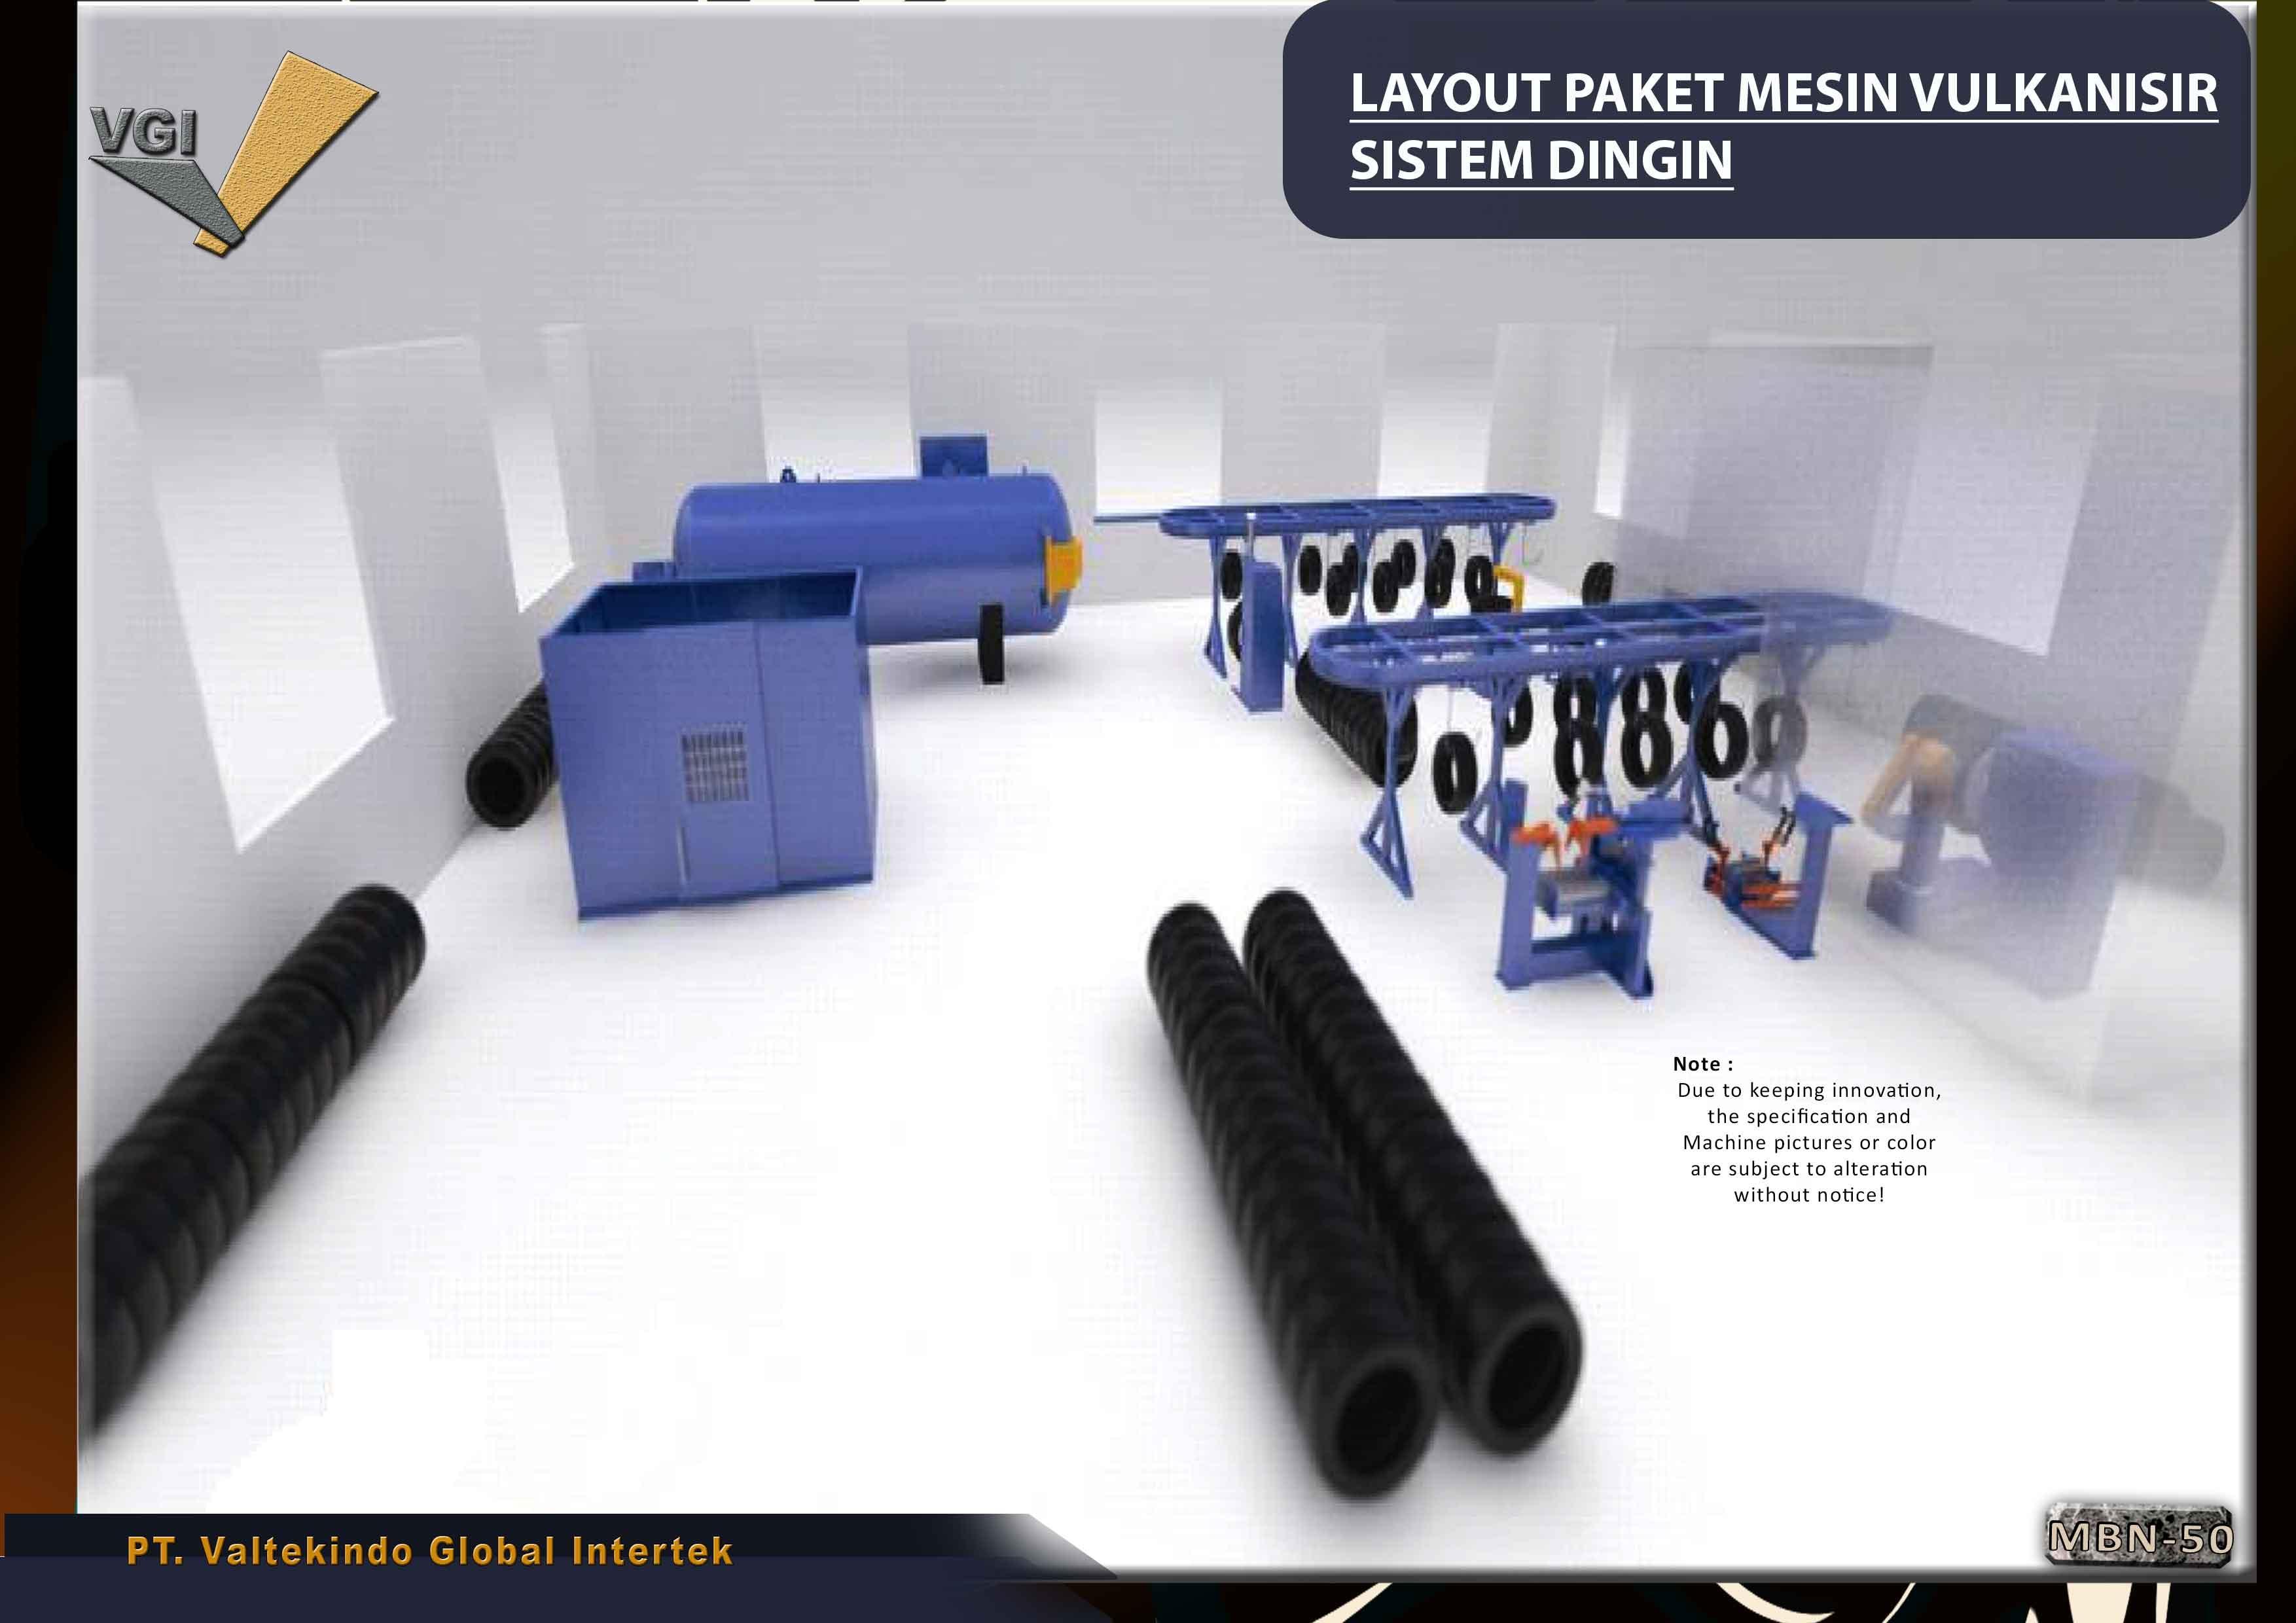 jual mesin LAYOUT PAKET MESIN VULKANISIR 2 LAYOUT PAKET MESIN VULKANISIR 2